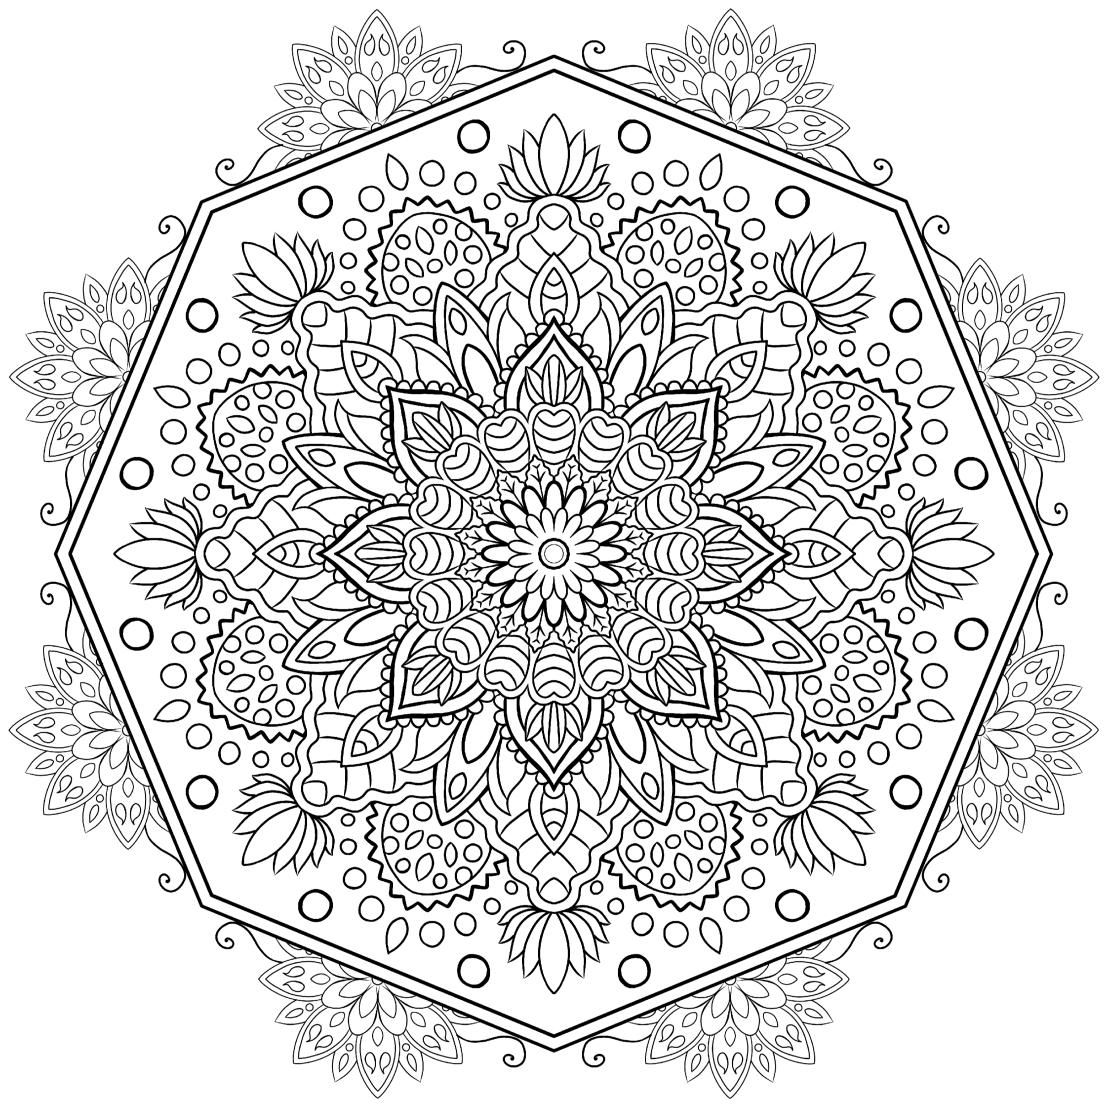 Octagonal Mandala Colouring Page